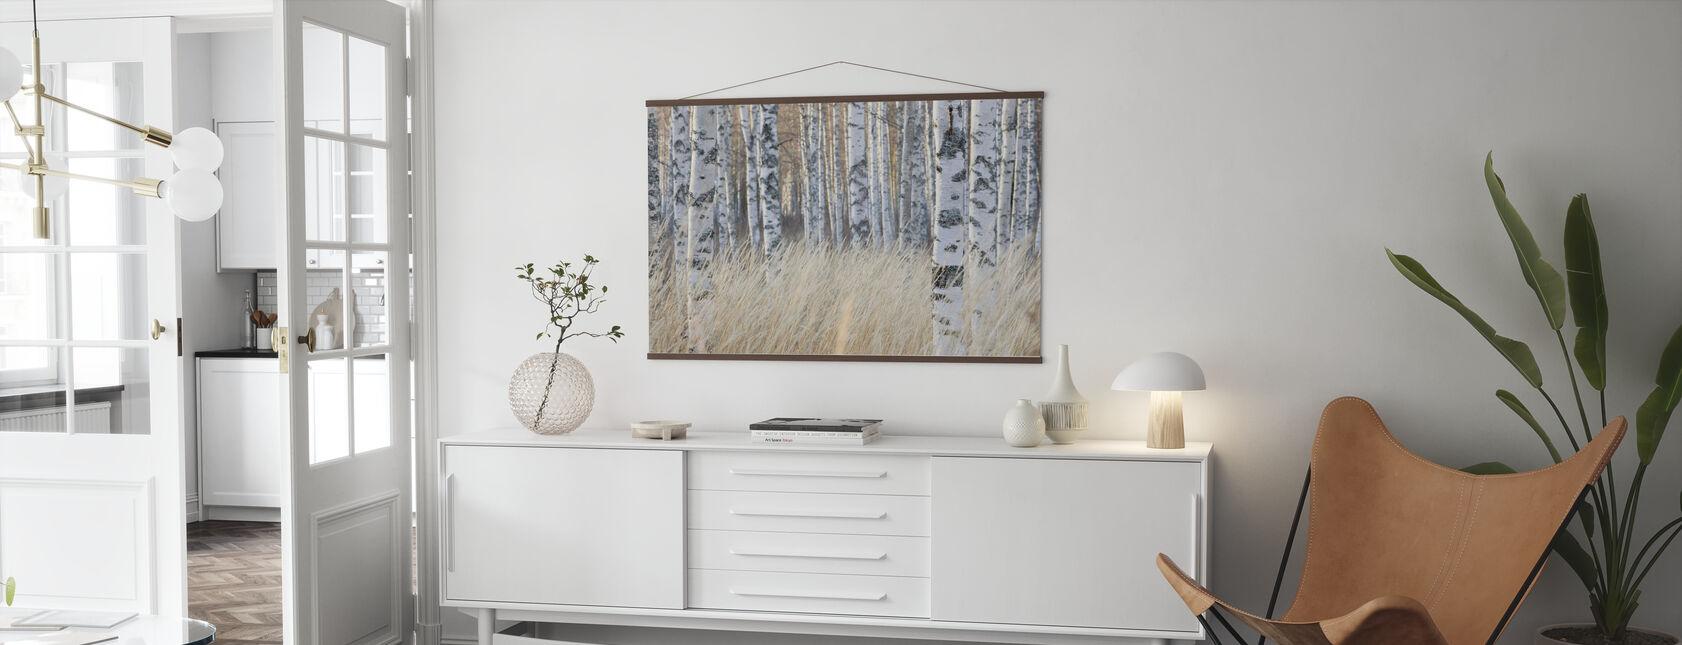 Birkenwald hell - Poster - Wohnzimmer